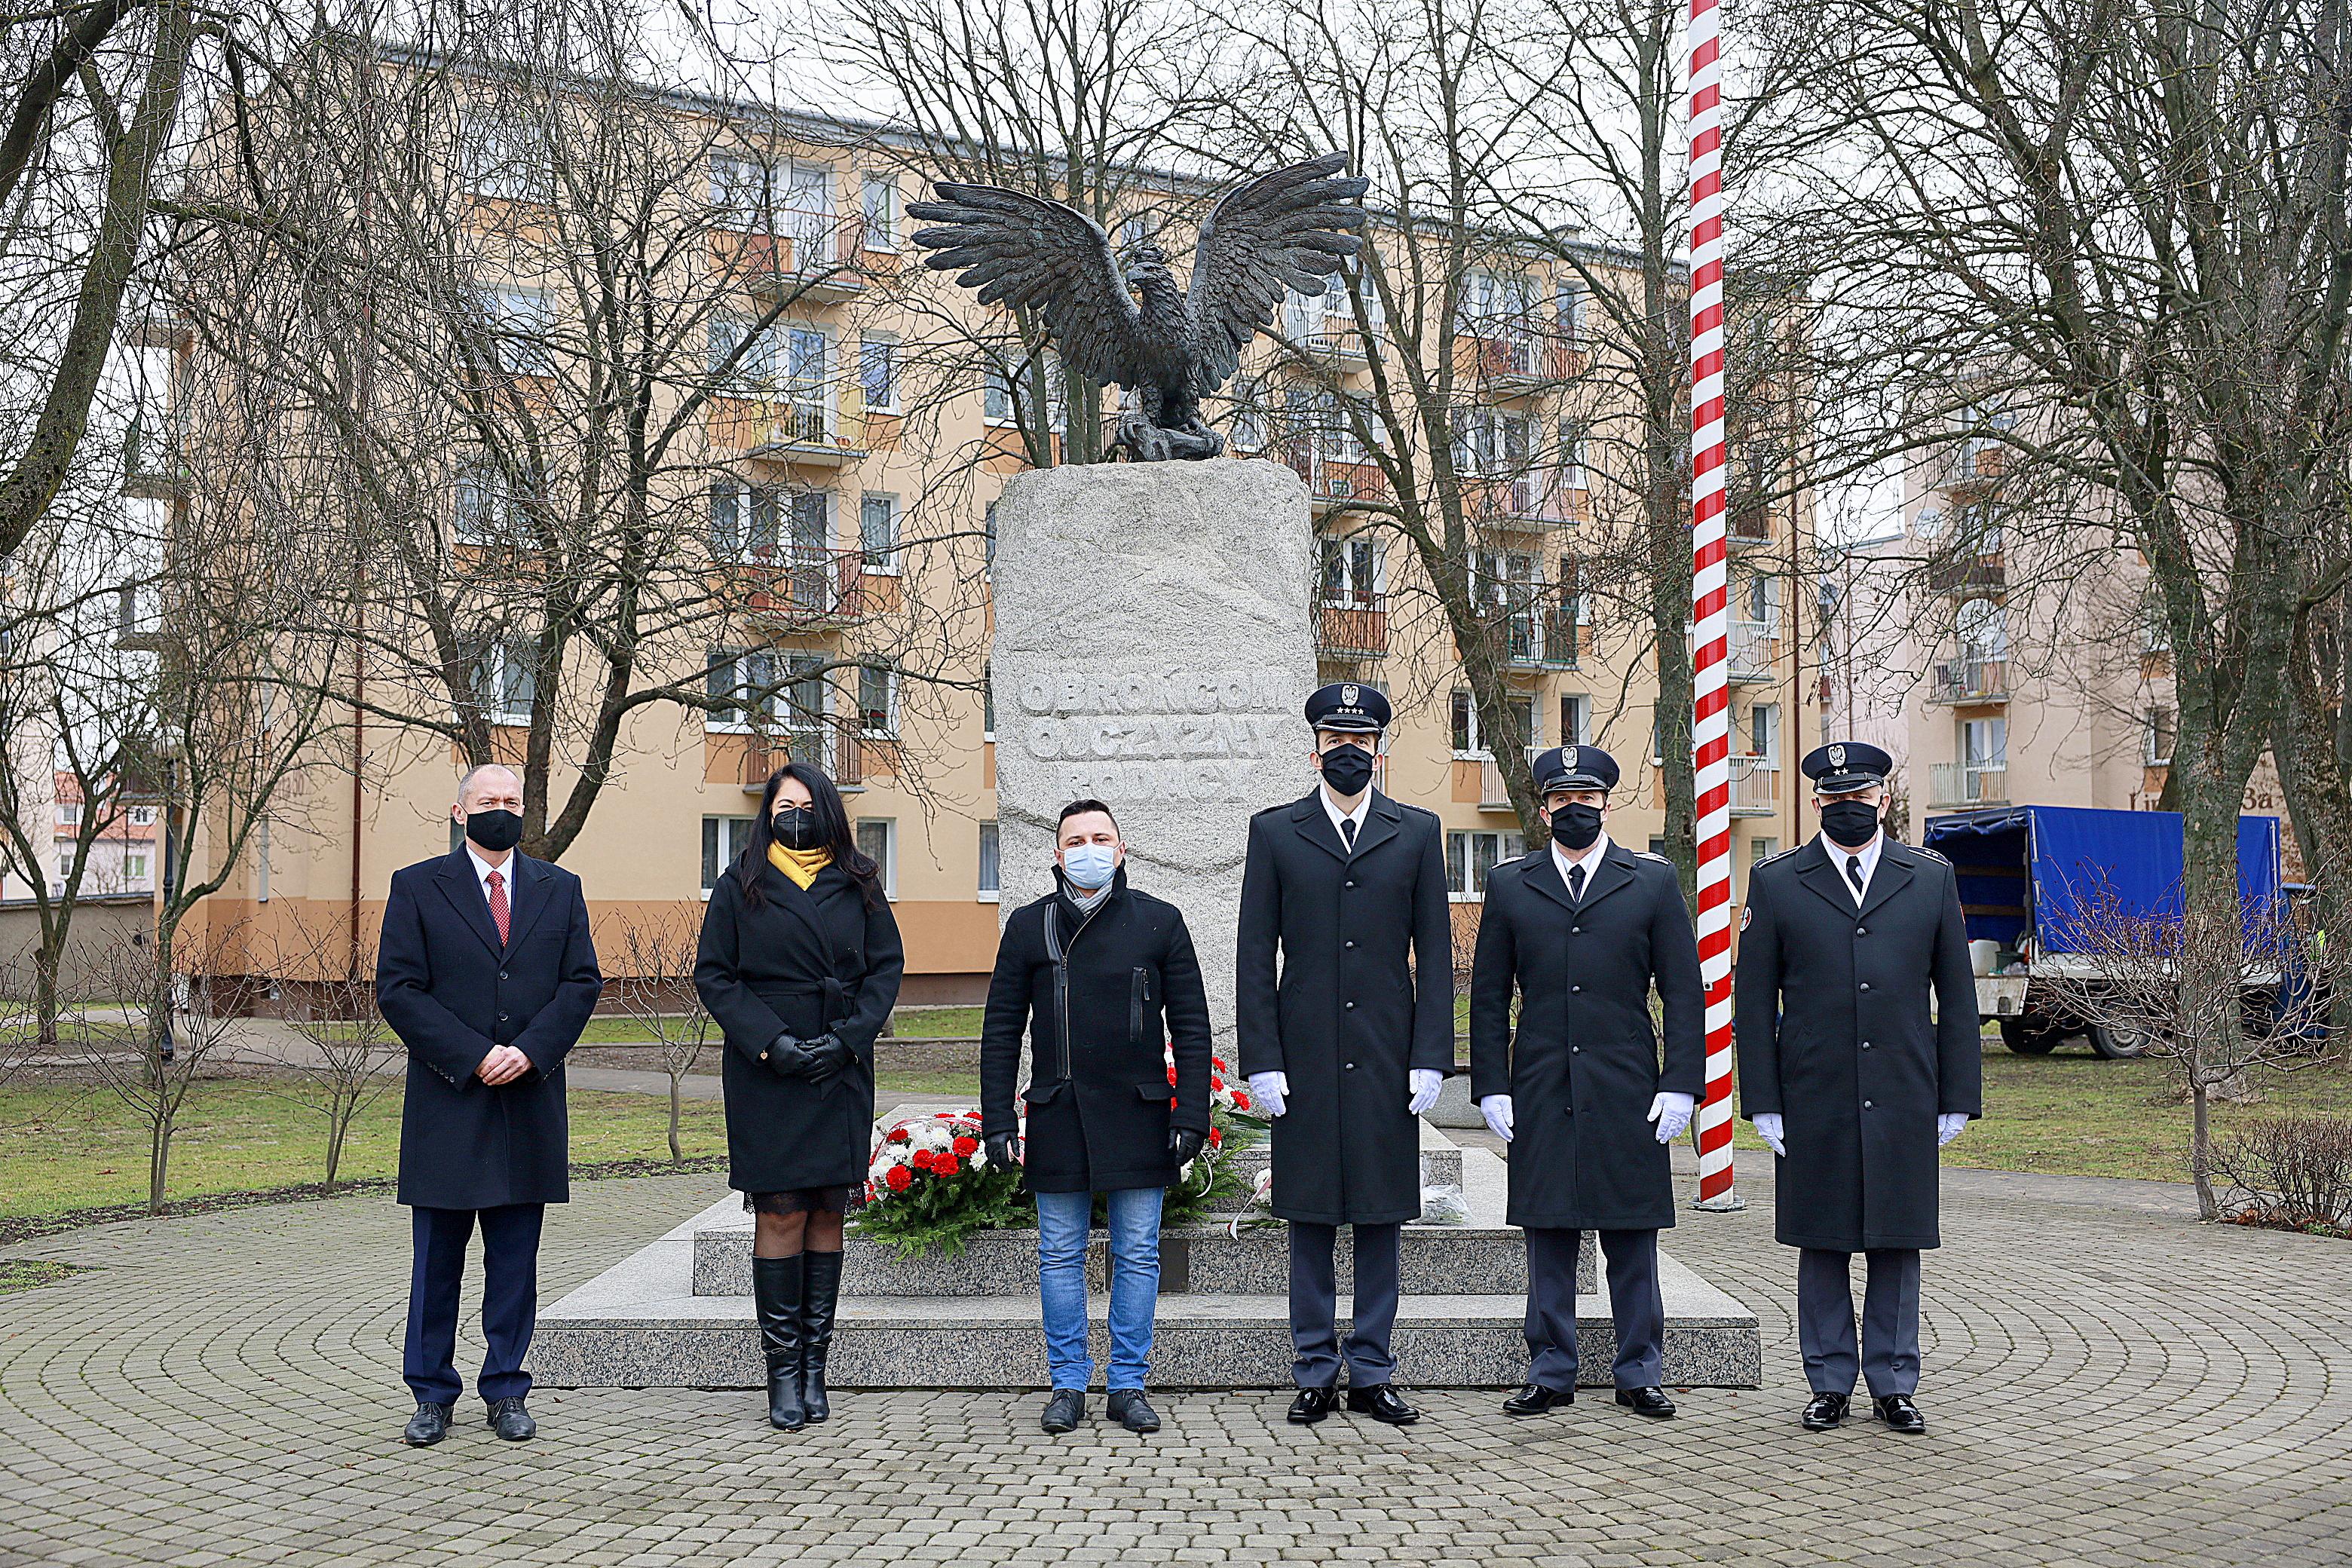 https://m.powiatszczycienski.pl/2021/03/orig/1-38381.jpg